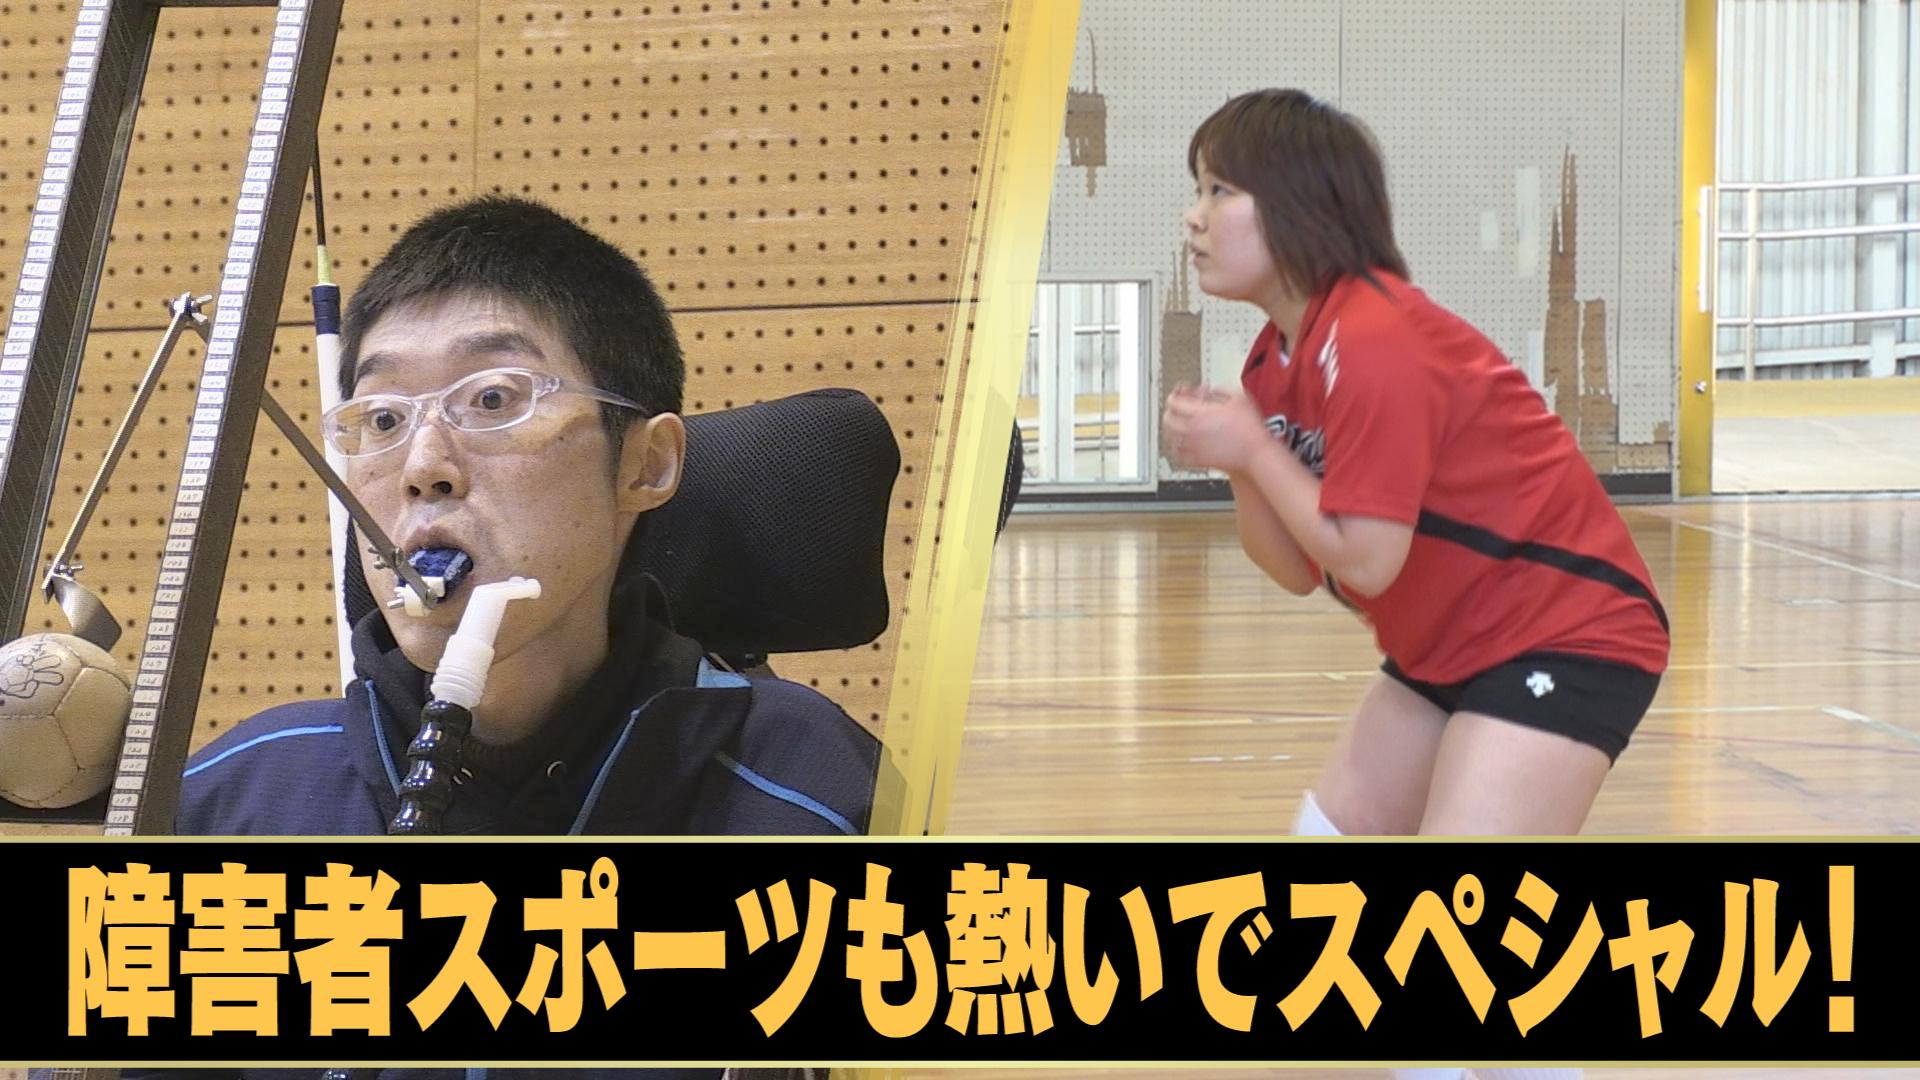 アス・ロード第4回 【障害者スポーツも熱いでスペシャル!】